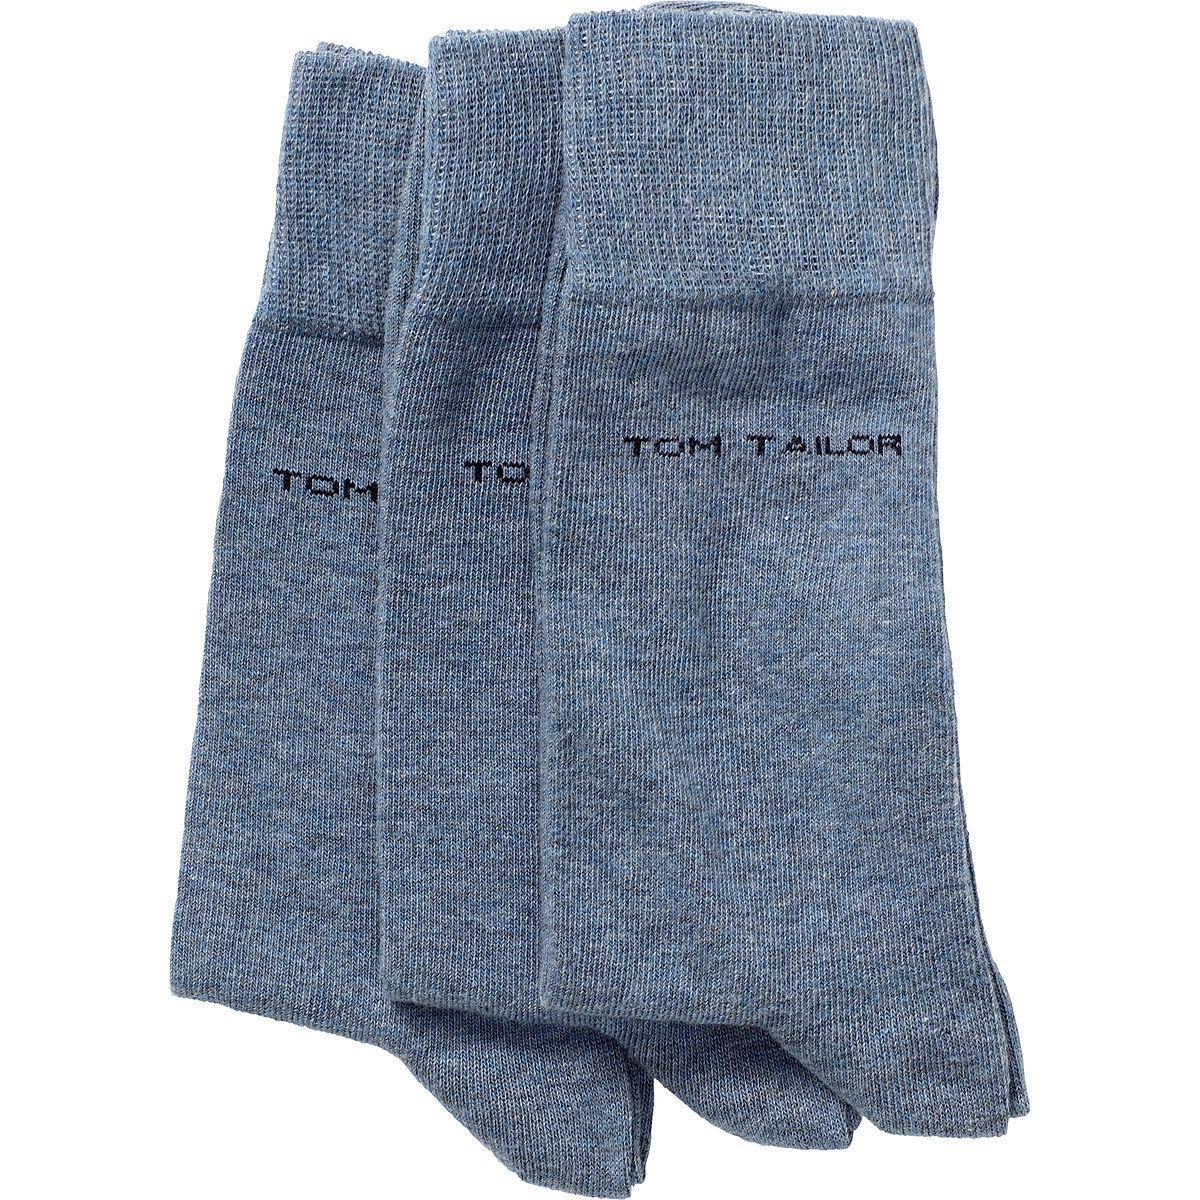 20% auf Strümpfe [Karstadt]  z.B. 3-Pack Tom Tailor Socken für 6,39€ bei Filialabholung